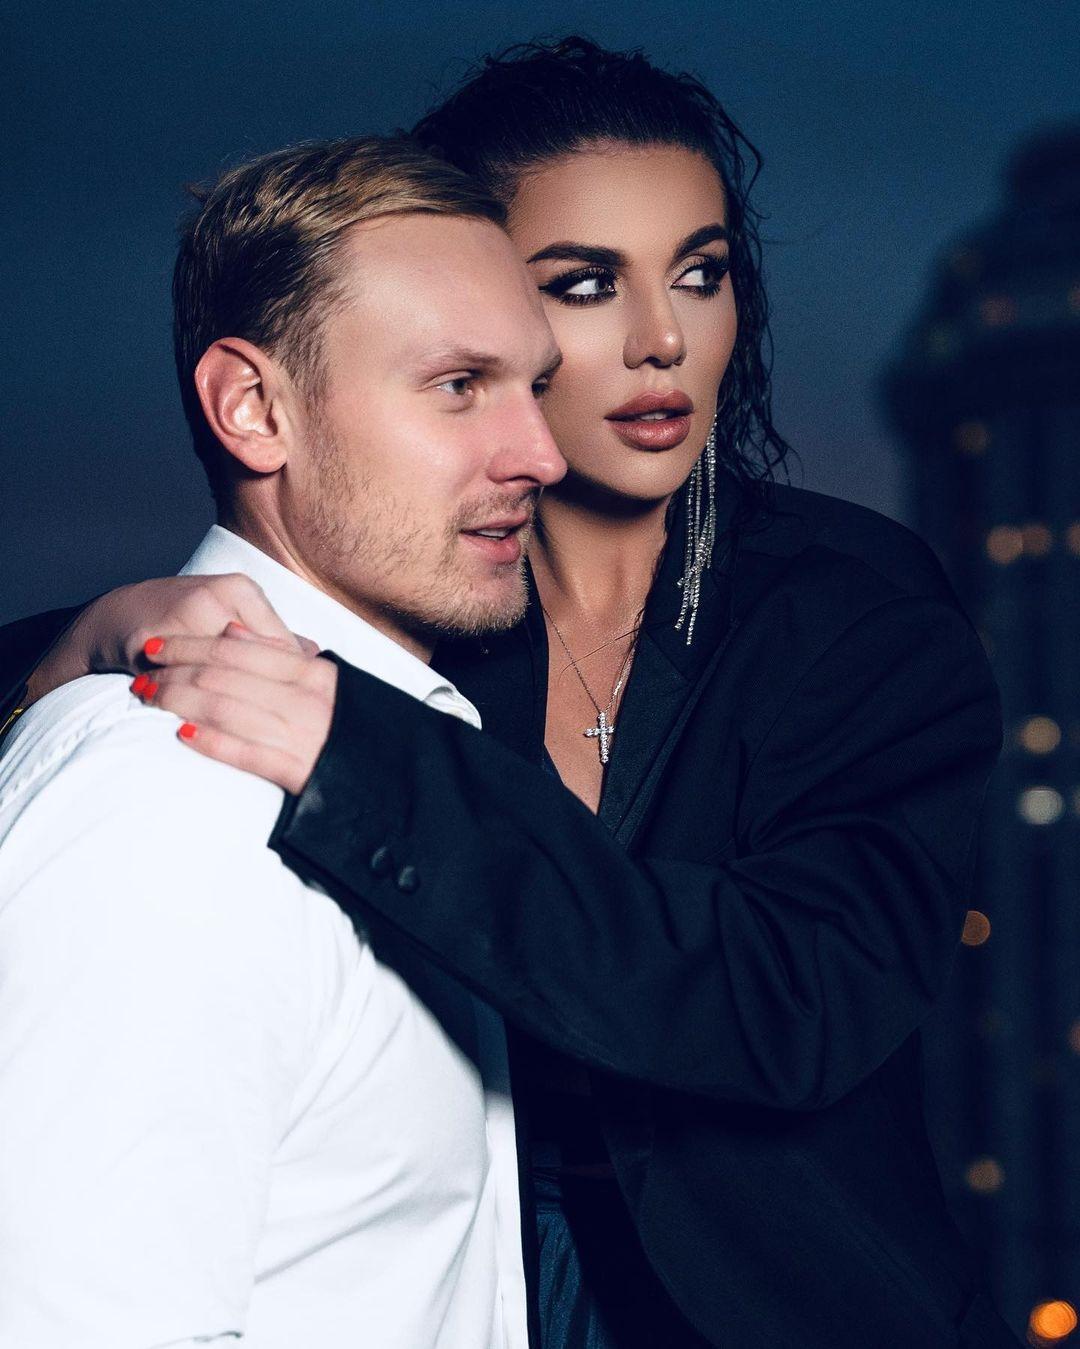 """""""Вы должны просто любить его без зарплаты"""": Анна Седокова призналась, что содержит своего мужа-баскетболиста - фото №1"""